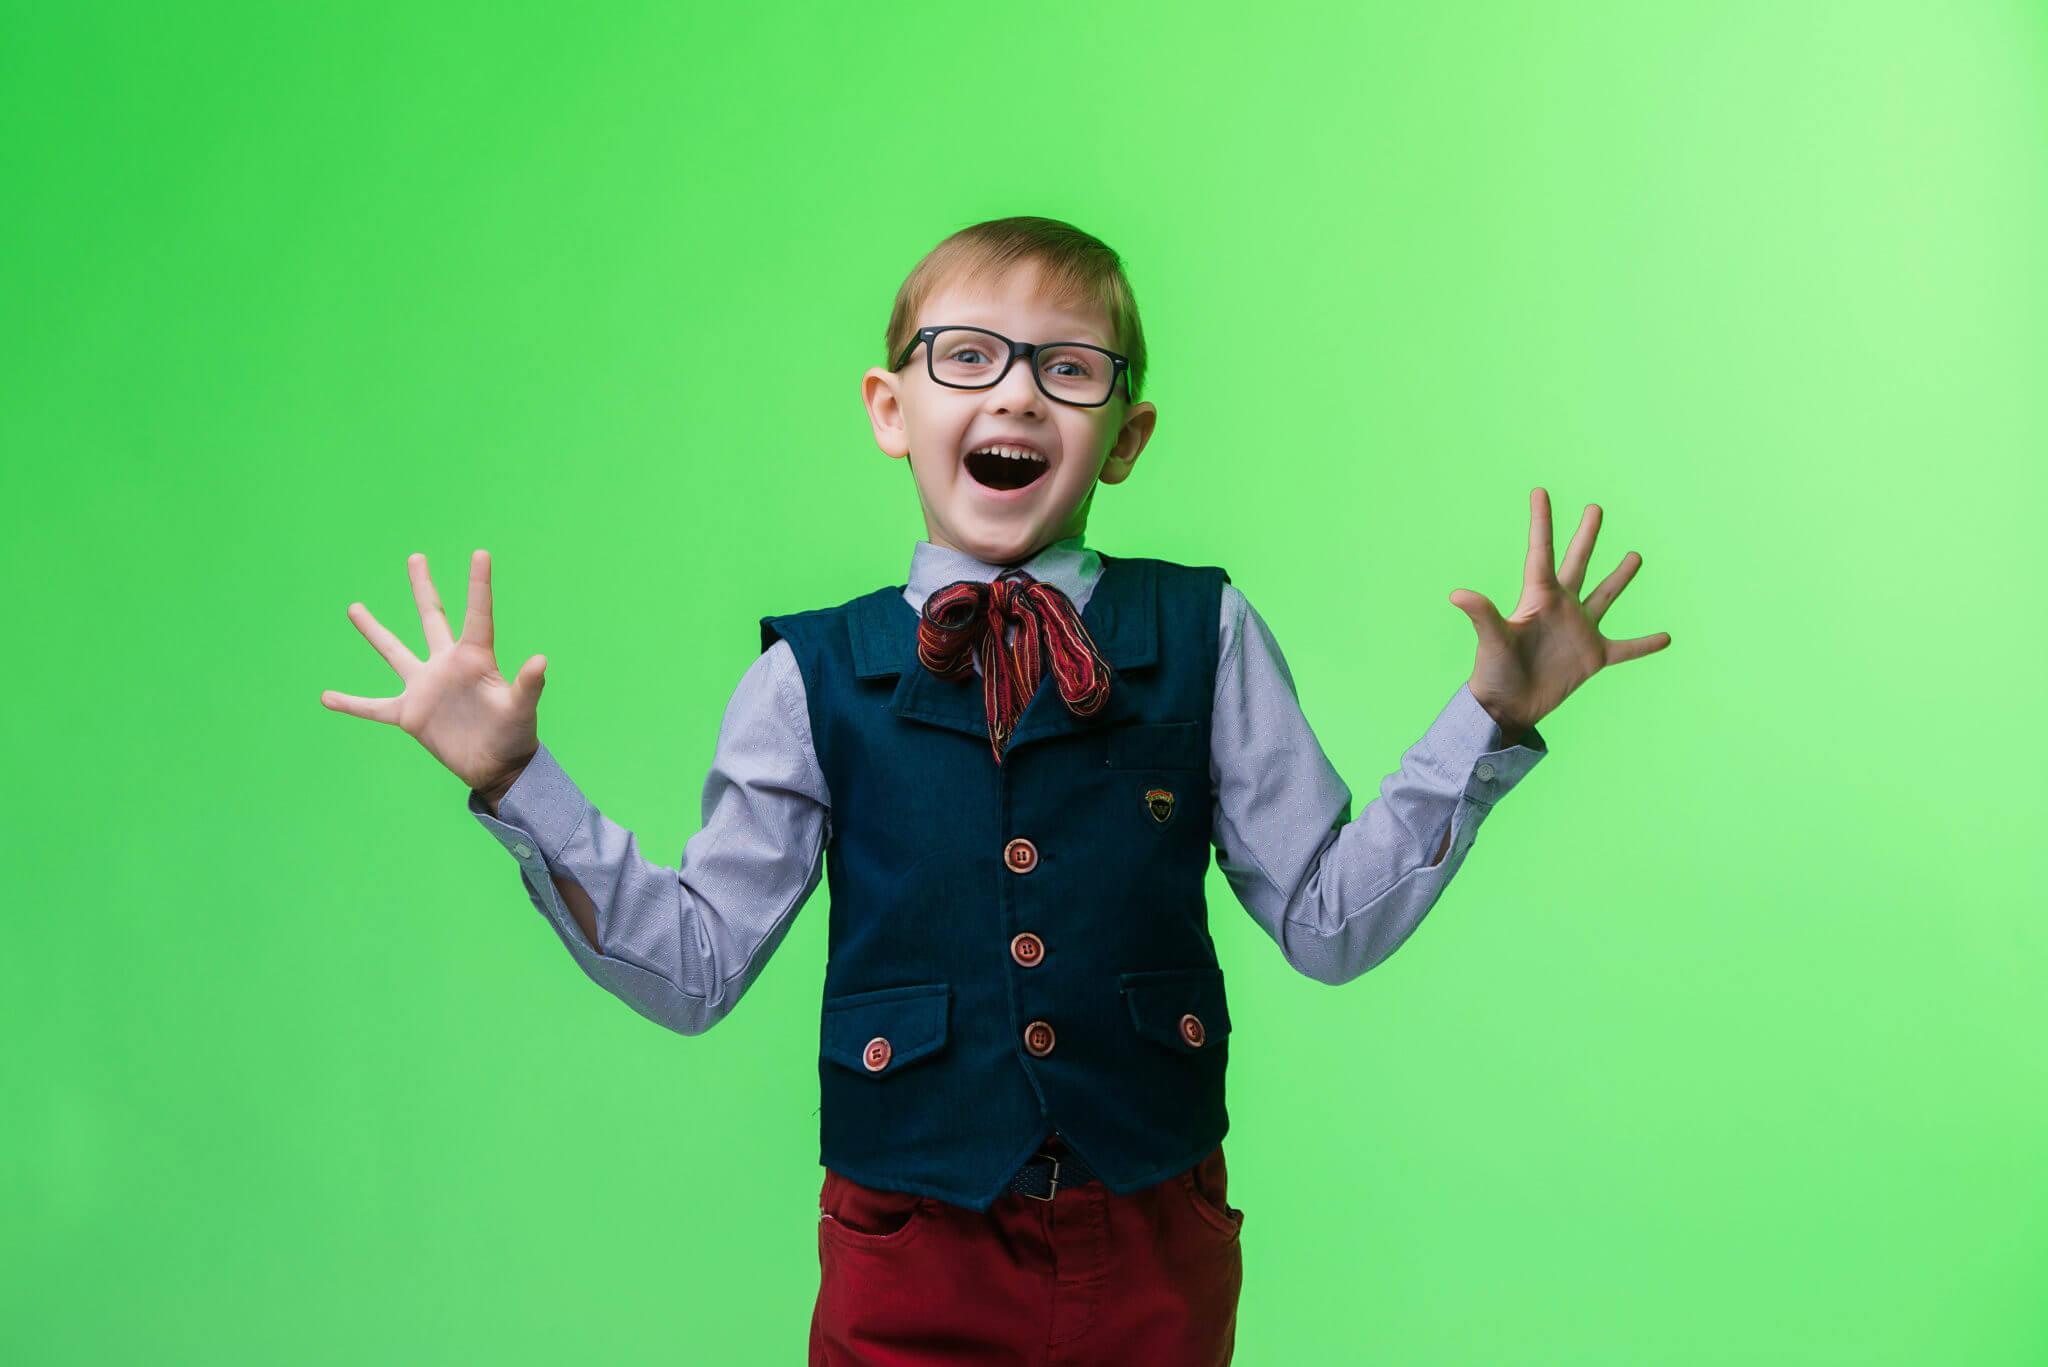 Детская фотосессия, KidsTop100, фото Постникова А., мальчик в очках на зеленом фоне